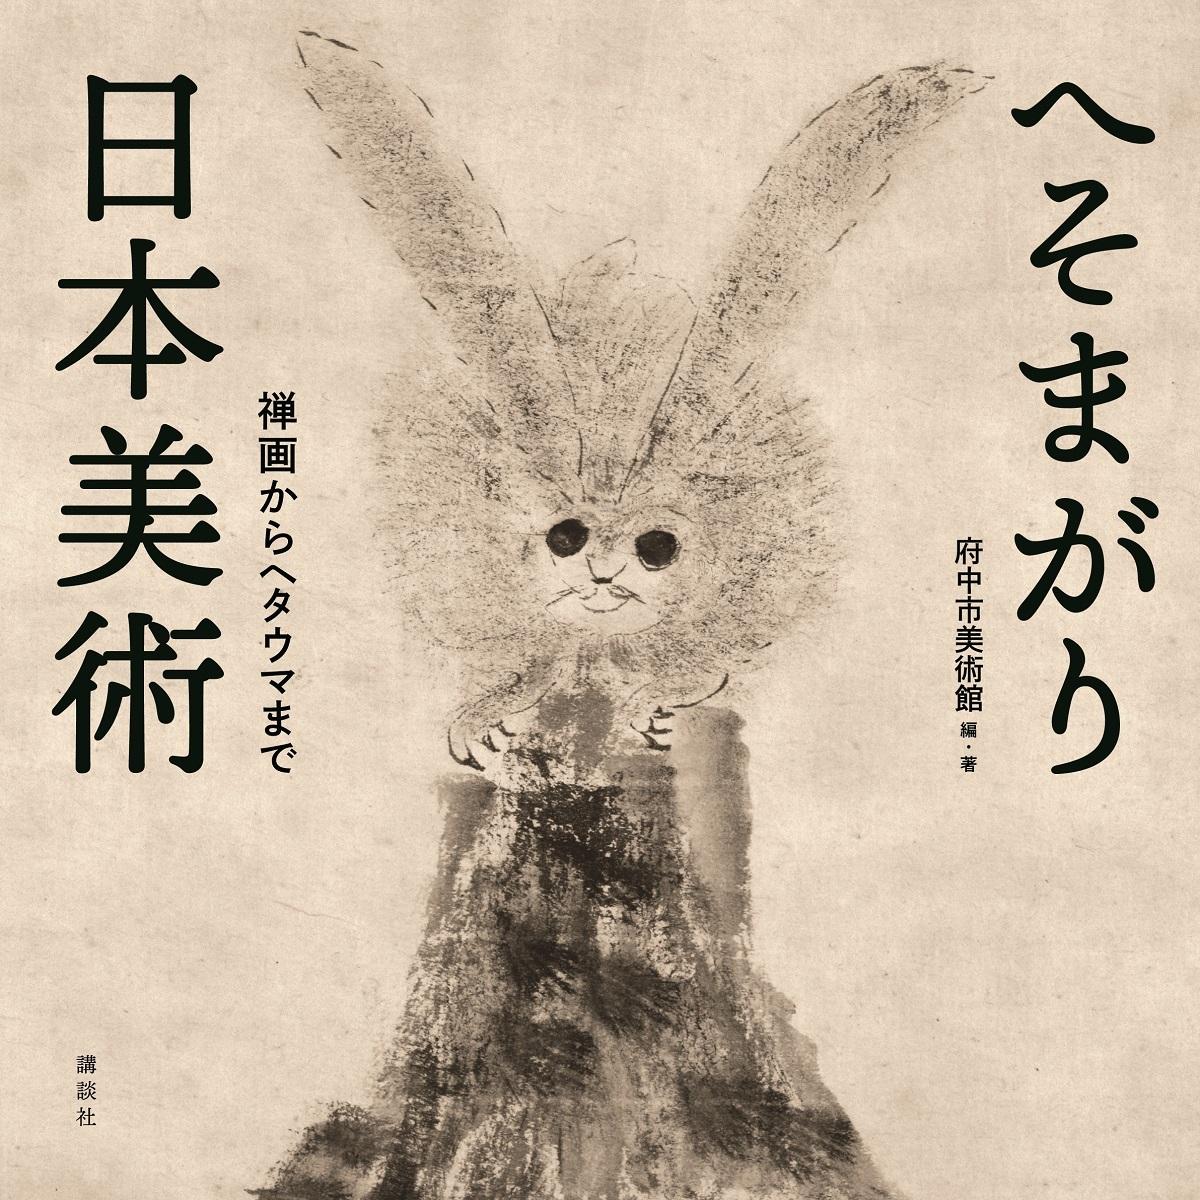 写真・図版 : 筆者が担当した展覧会の図録。「素朴でかわいい」絵もたくさん収められている。